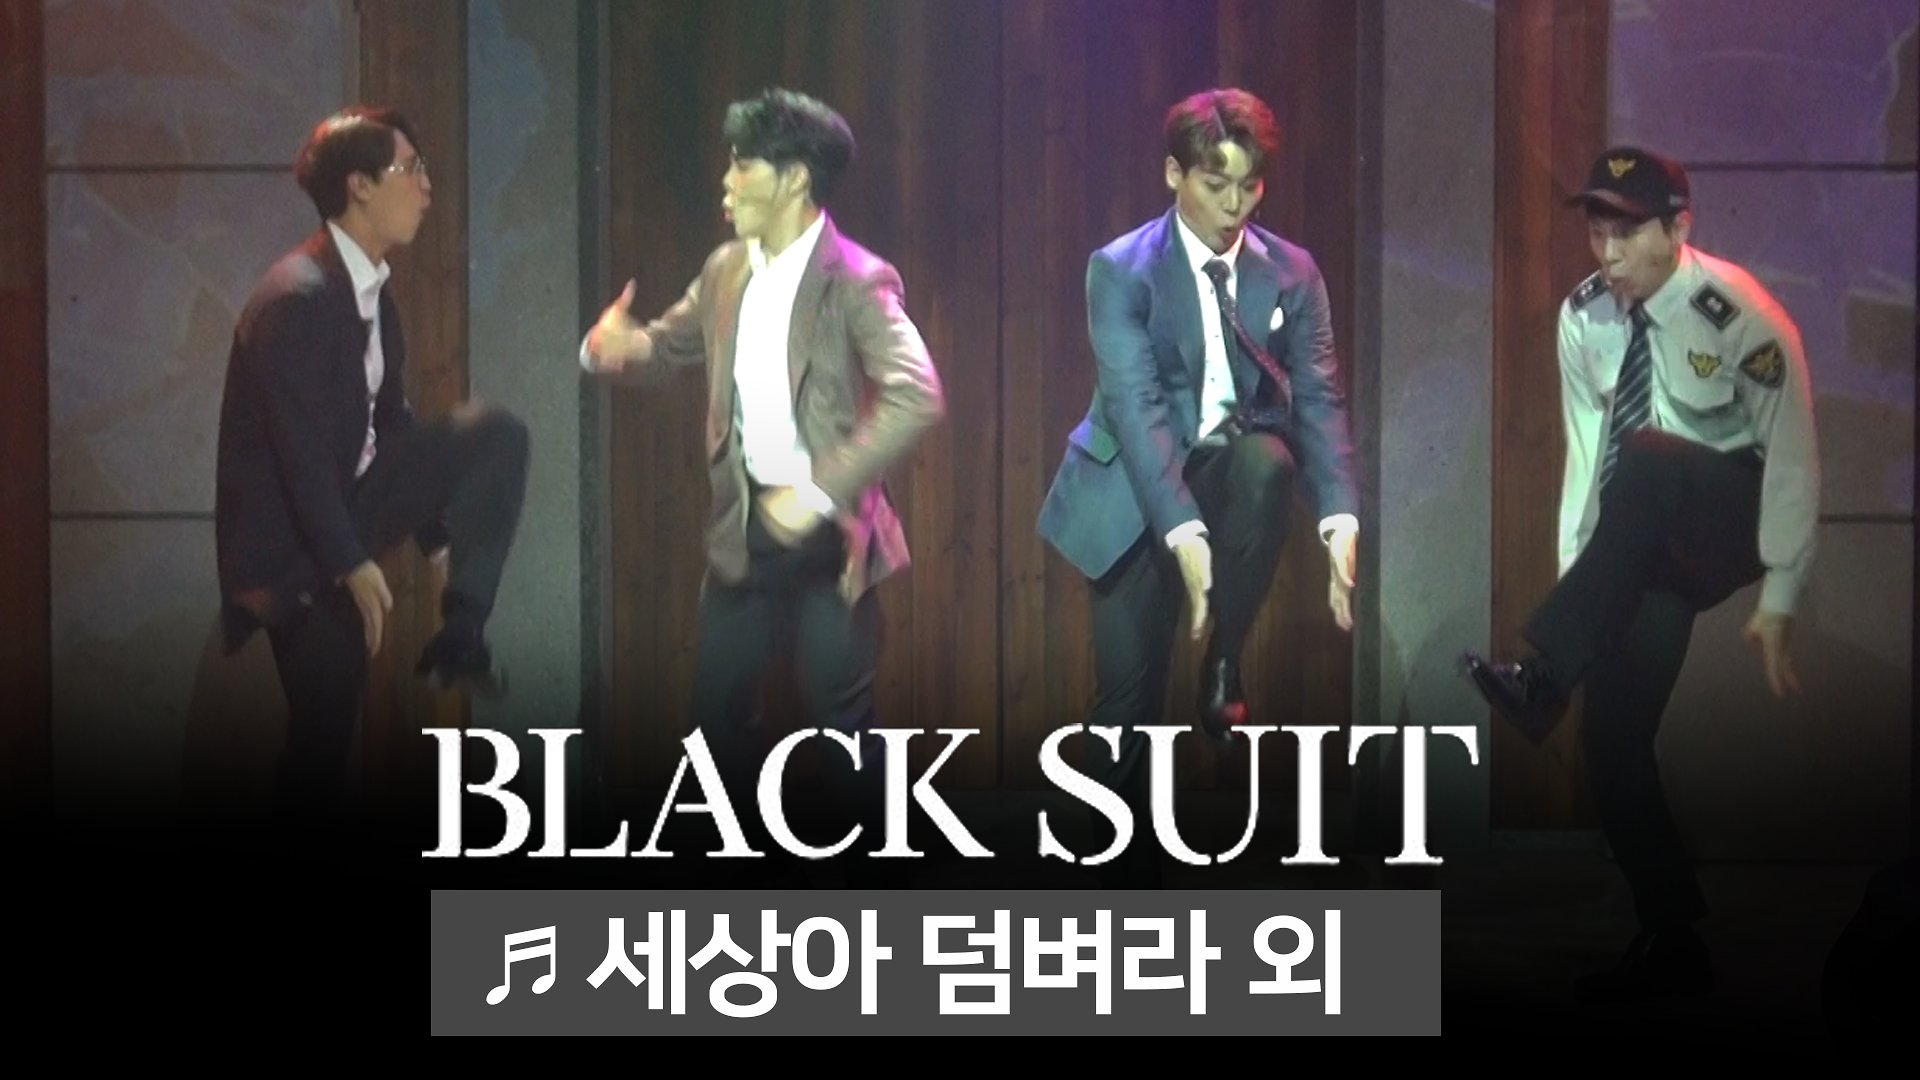 뮤지컬 '블랙슈트' 2019 프레스콜 '세상아 덤벼라' '스카우트' '다른 기억' - 이승현, 양지원, 최민우 외